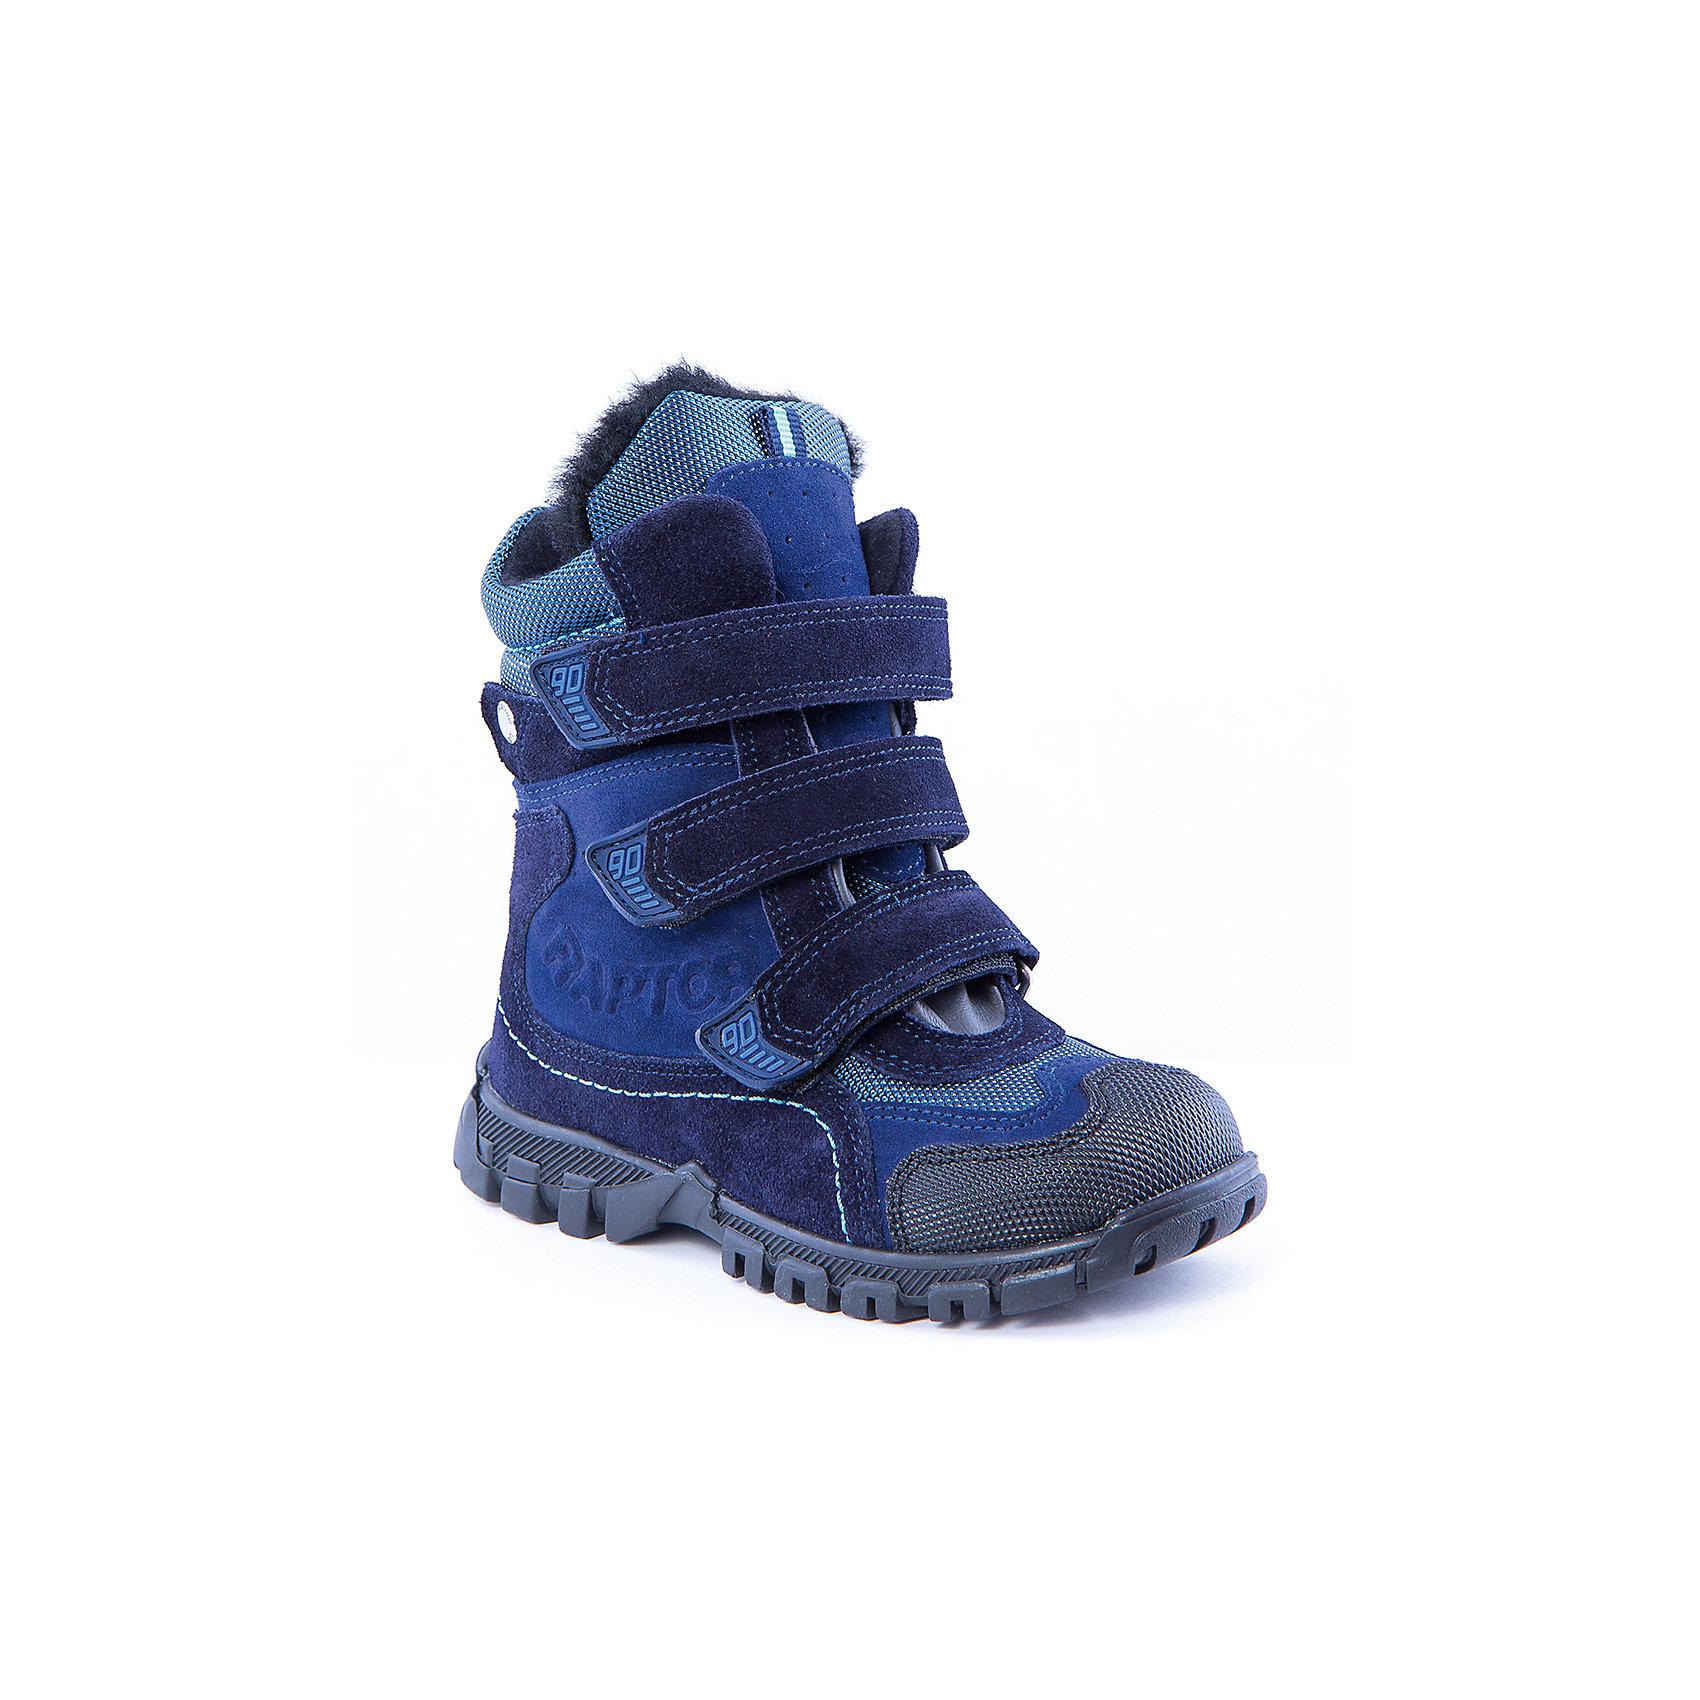 Полусапоги для мальчика MinimenПолусапоги для мальчика от известного бренда Minimen<br><br>Сапоги из натуральной кожи Minimen созданы для ношения в межсезонье и начинающиеся холода. Их форма тщательно проработана, поэтому детским ножкам в такой обуви тепло и комфортно. Качественные материалы позволяют сделать изделия износостойкими и удобными.<br><br>Отличительные особенности модели:<br><br>- цвет: синий;<br>- гибкая нескользящая подошва;<br>- усиленный носок и задник;<br>- эргономичная форма;<br>- удобная колодка;<br>- шерстяная подкладка;<br>- натуральная кожа;<br>- застежки-липучки.<br><br>Дополнительная информация:<br><br>Температурный режим: от - 15° С до +5° С.<br><br>Состав:<br>верх - 100% натуральная кожа<br>подкладка - 100% шерсть<br>подошва -ТЭП<br><br>Полусапоги для мальчика Minimen (Минимен) можно купить в нашем магазине.<br><br>Ширина мм: 257<br>Глубина мм: 180<br>Высота мм: 130<br>Вес г: 420<br>Цвет: синий<br>Возраст от месяцев: 60<br>Возраст до месяцев: 72<br>Пол: Мужской<br>Возраст: Детский<br>Размер: 29,26,27,28,30<br>SKU: 4334417